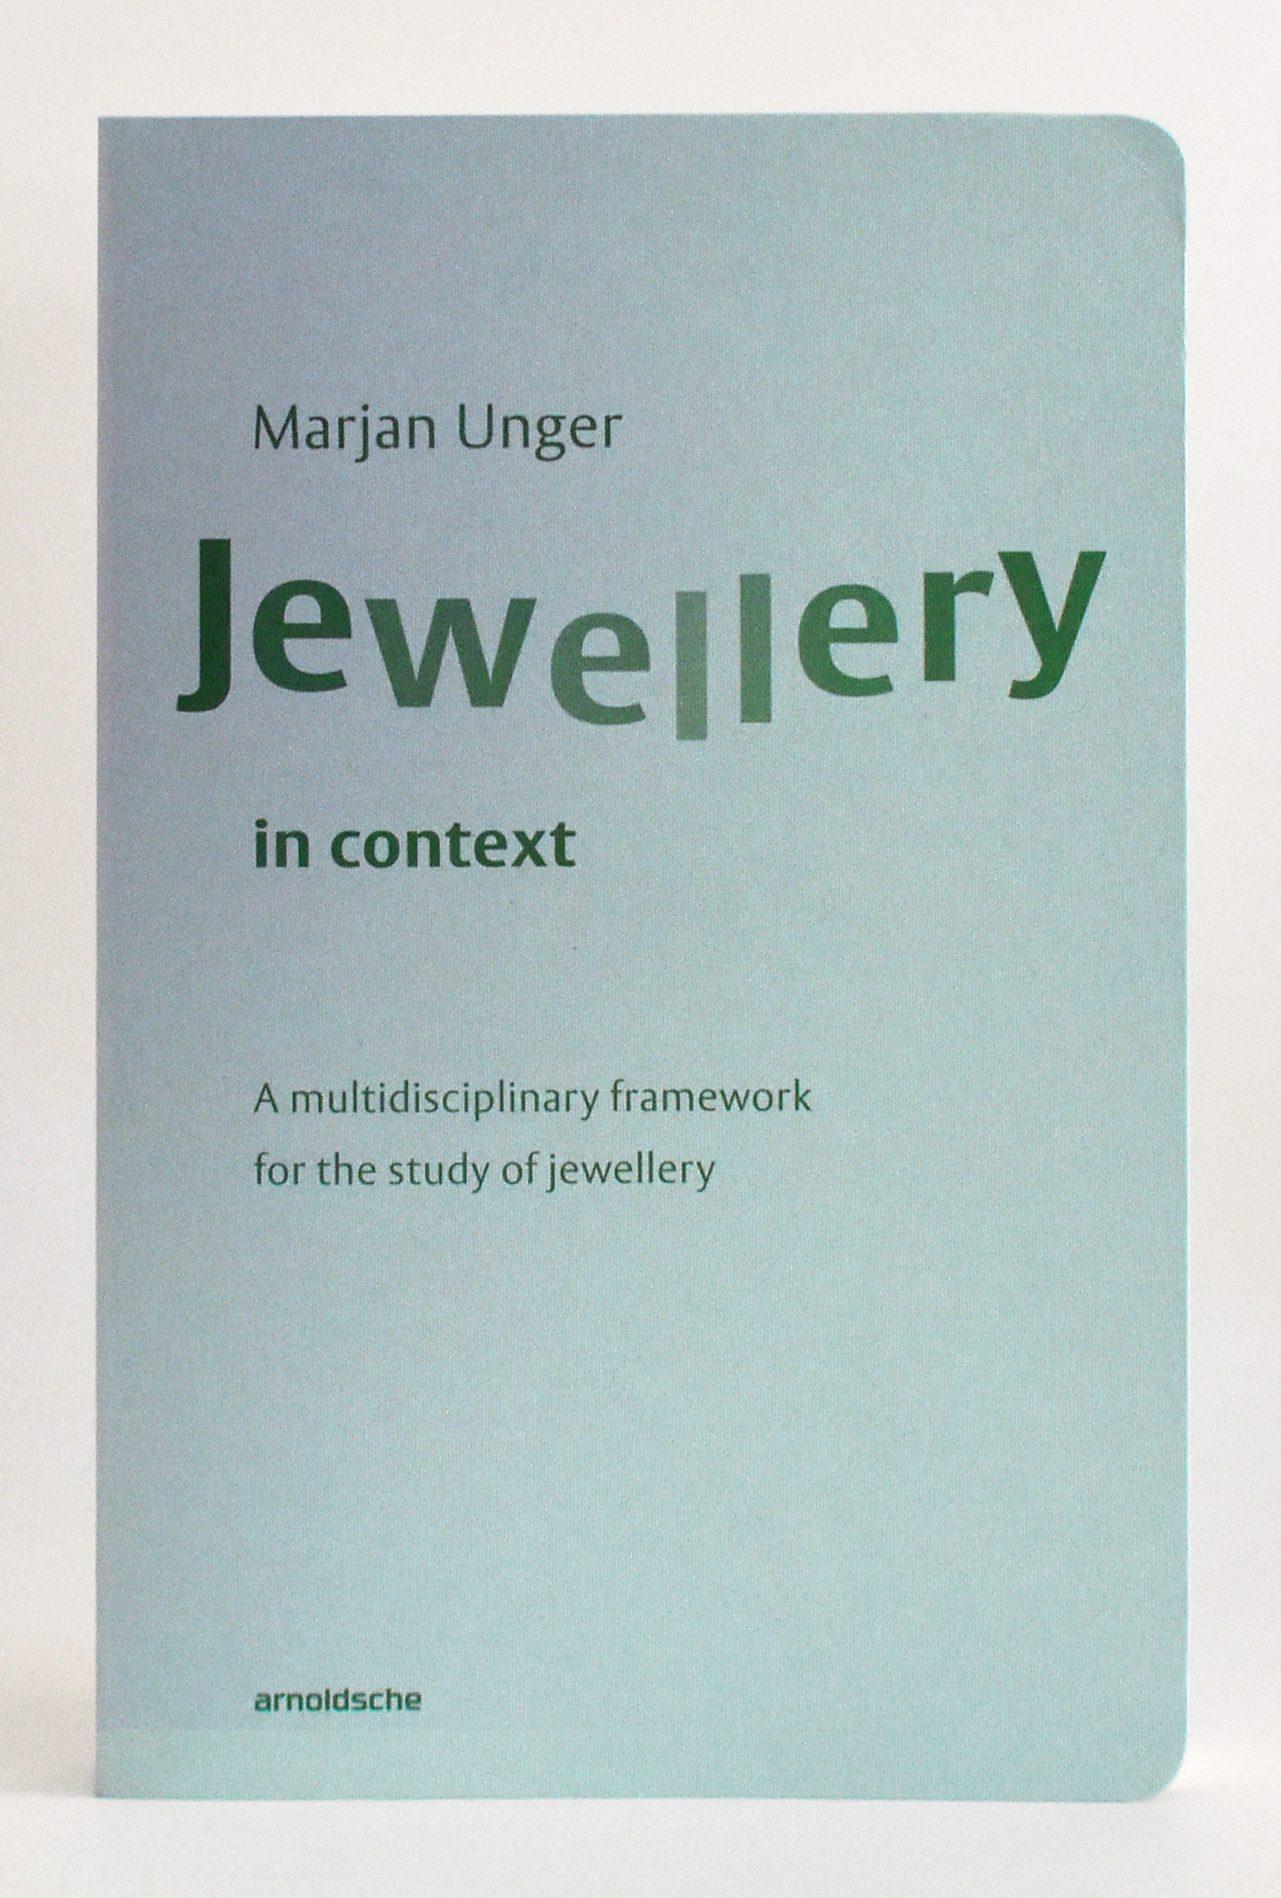 Omslag van de dissertatie van Marjan Unger, Engelse uitgave, 2019. Foto met dank aan Arnoldsche©